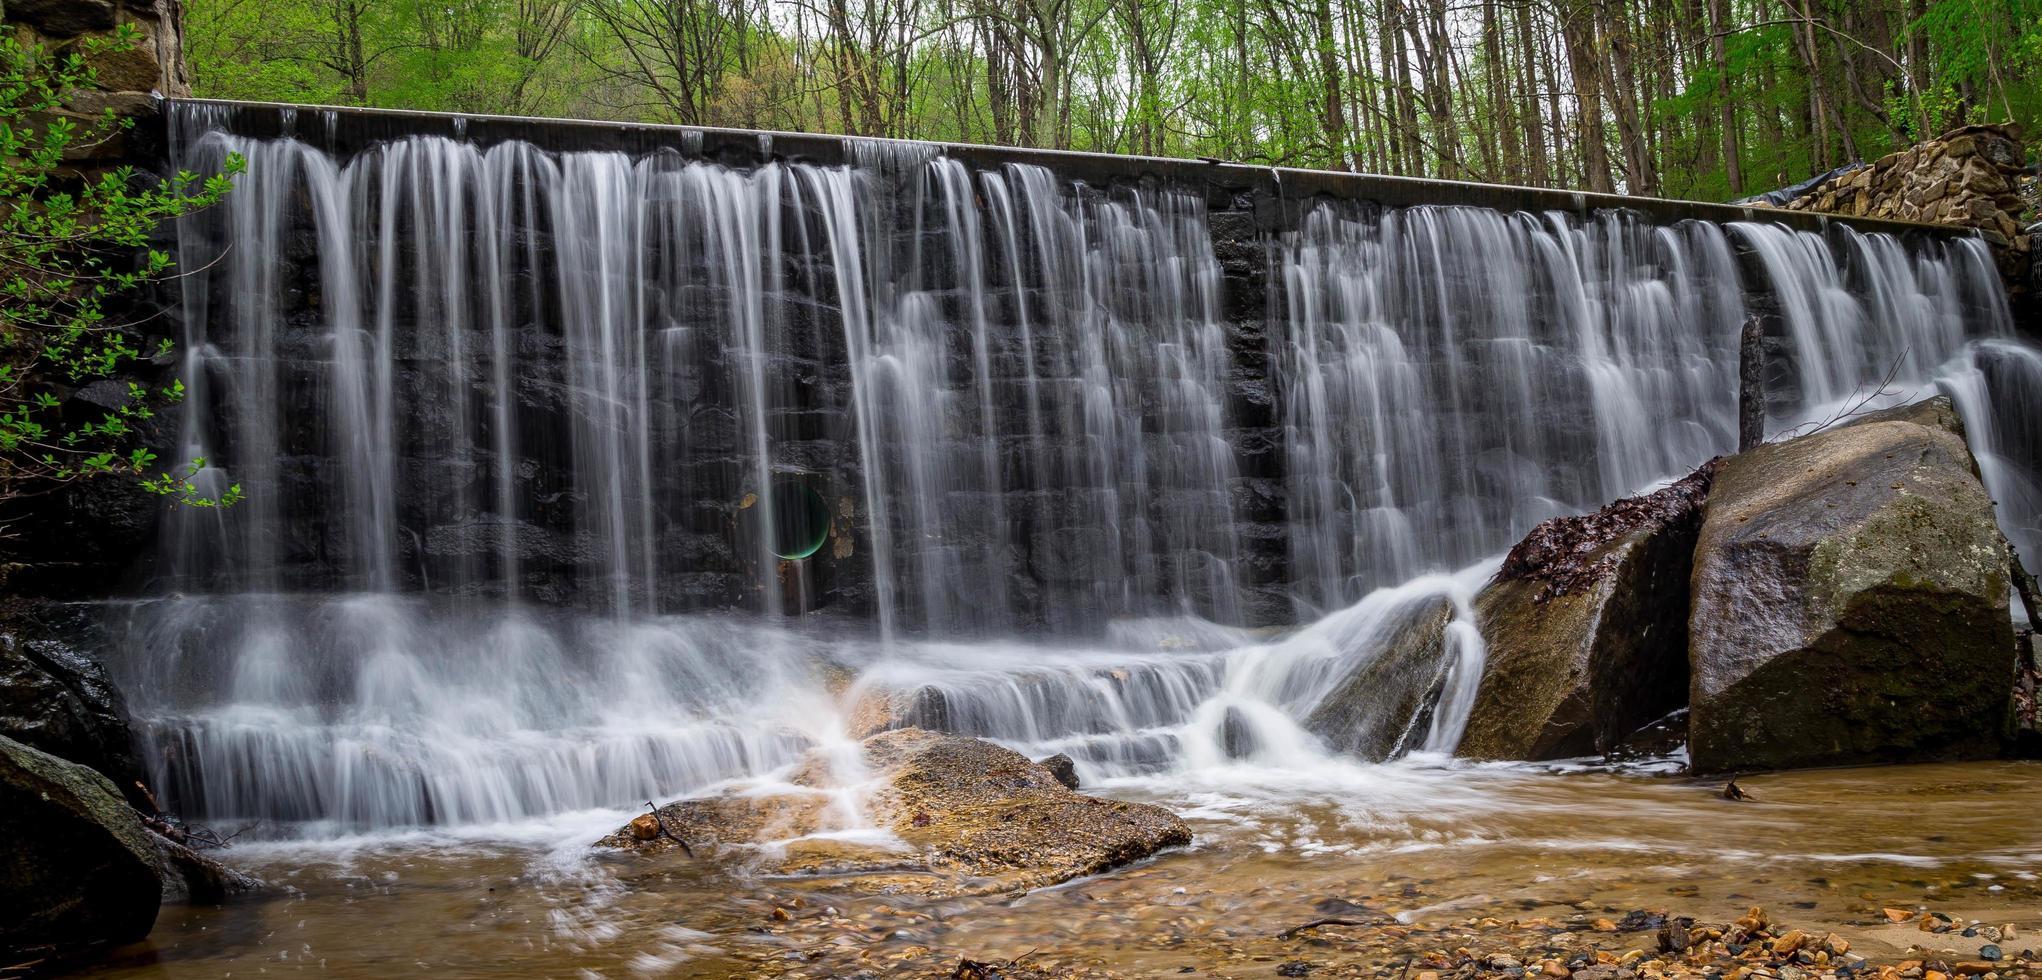 cascada en el parque estatal susquehanna foto